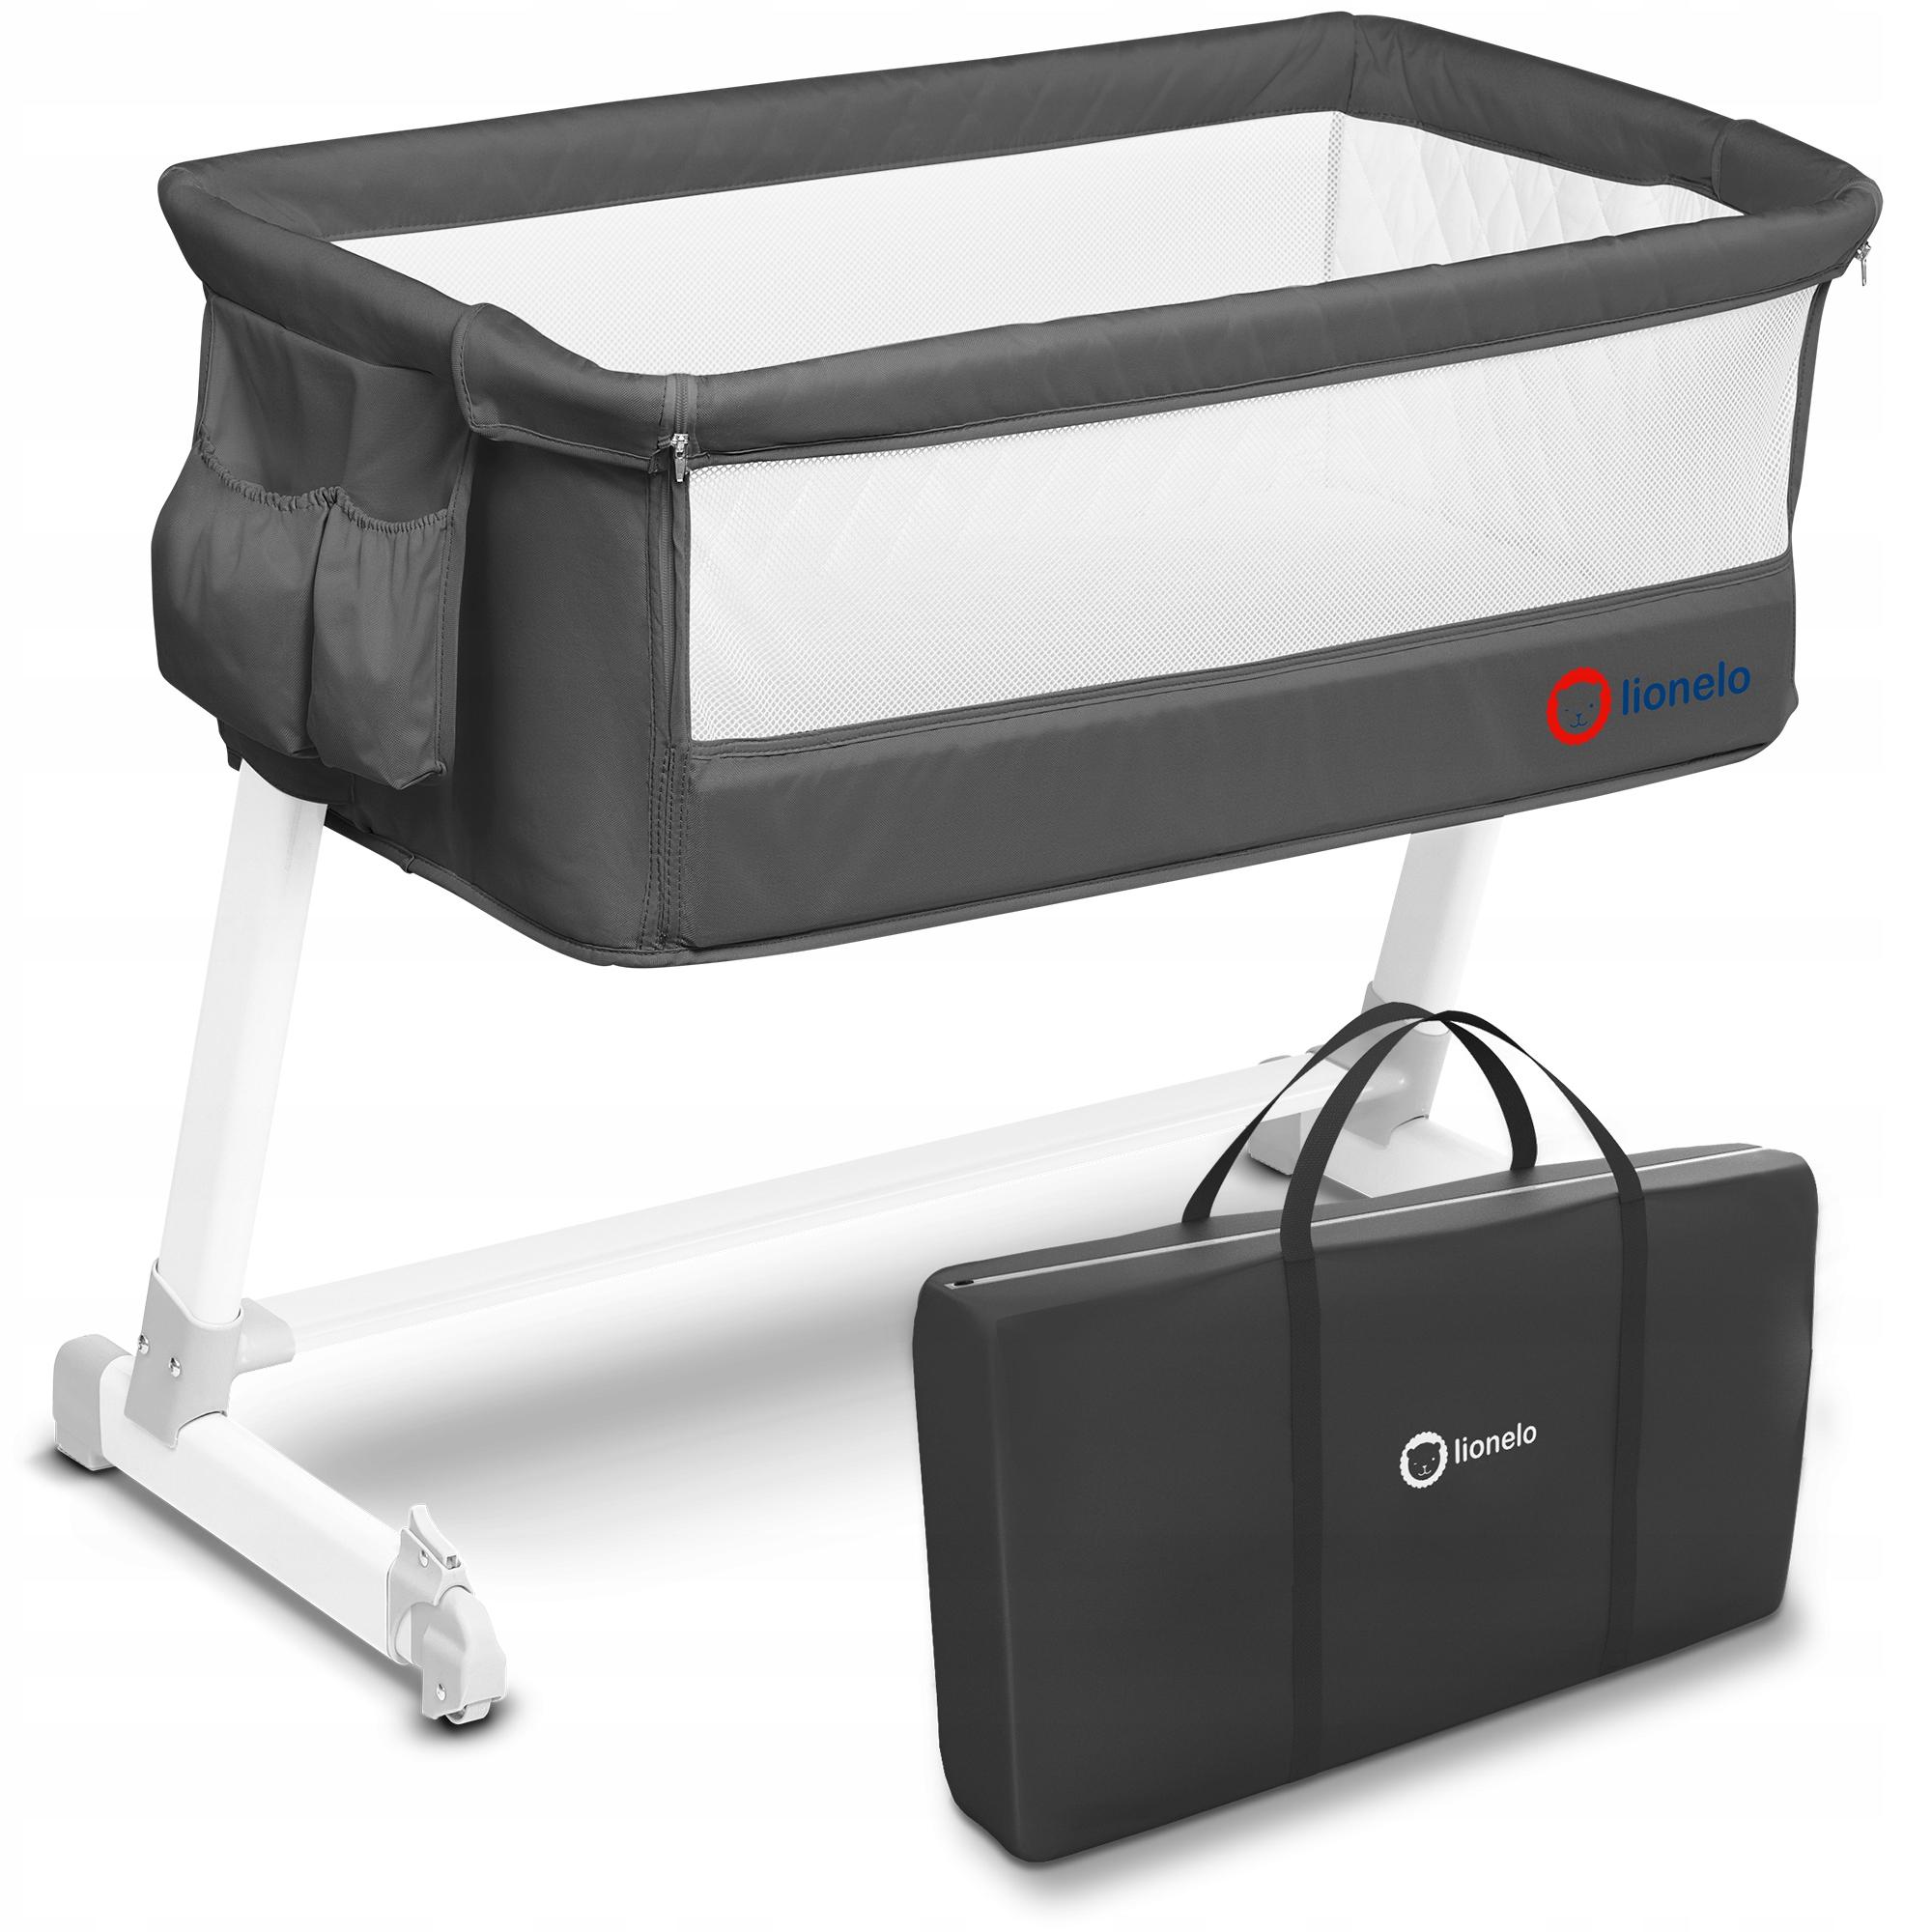 Łóżeczko dostawne Lionelo Theo Dark Grey Waga produktu z opakowaniem jednostkowym 11 kg